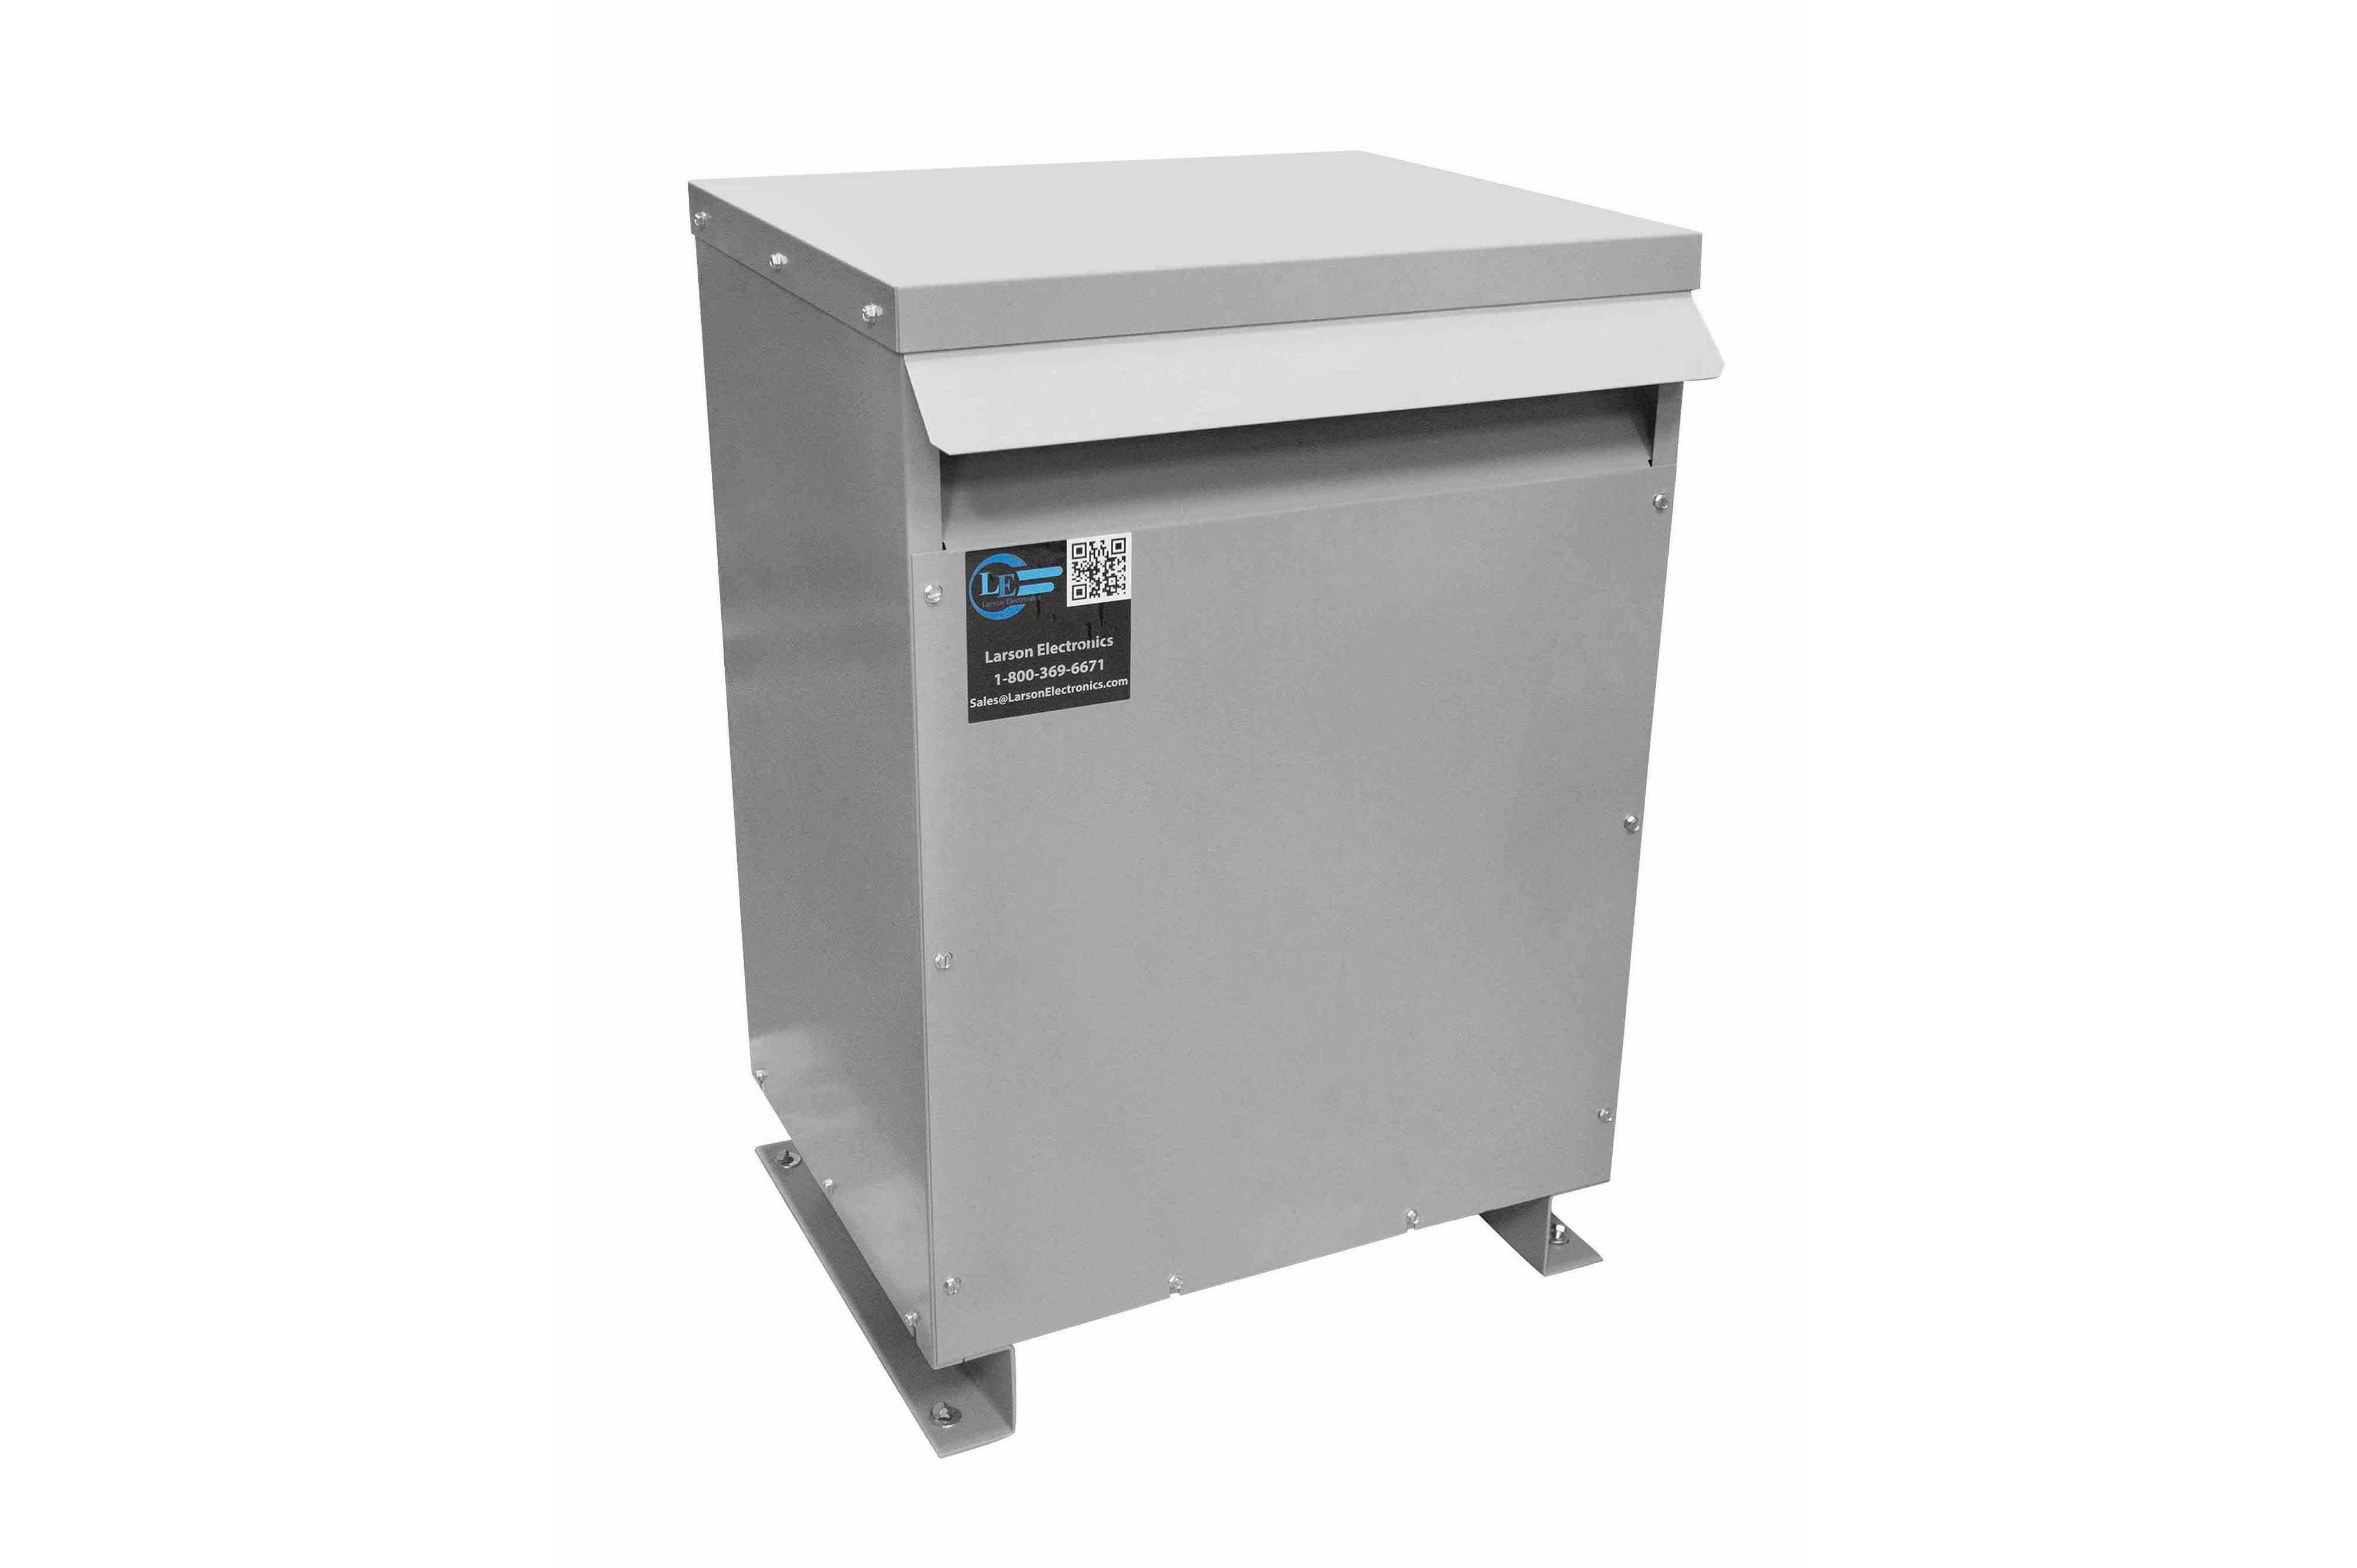 60 kVA 3PH Isolation Transformer, 600V Delta Primary, 415V Delta Secondary, N3R, Ventilated, 60 Hz